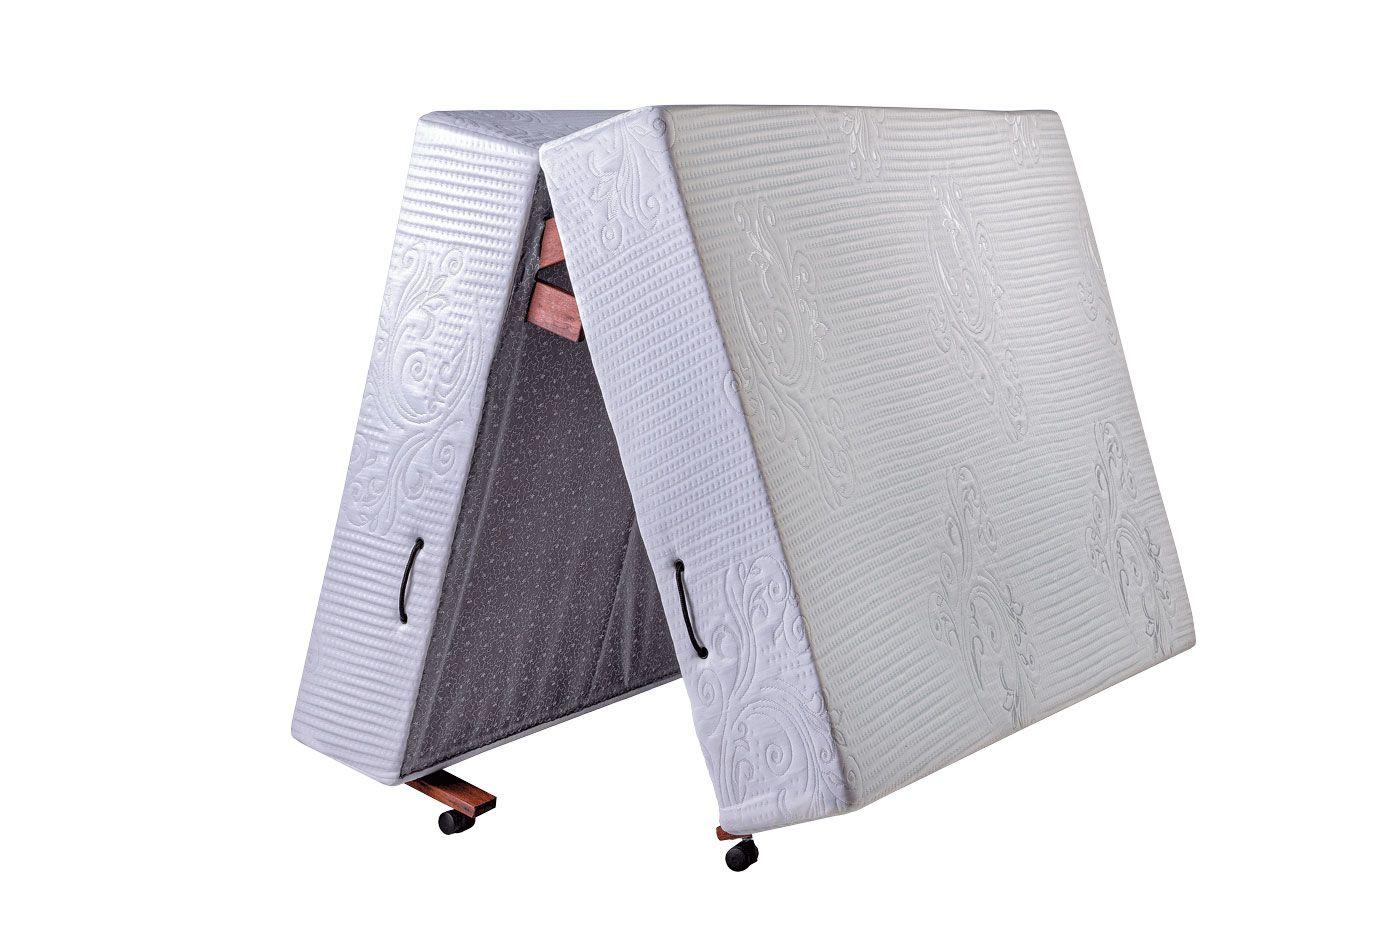 Cama Dobrável, Casal de Abrir com Colchão Embutido 130cm x 190cm Kenko Premium  - Kenko Premium Colchões